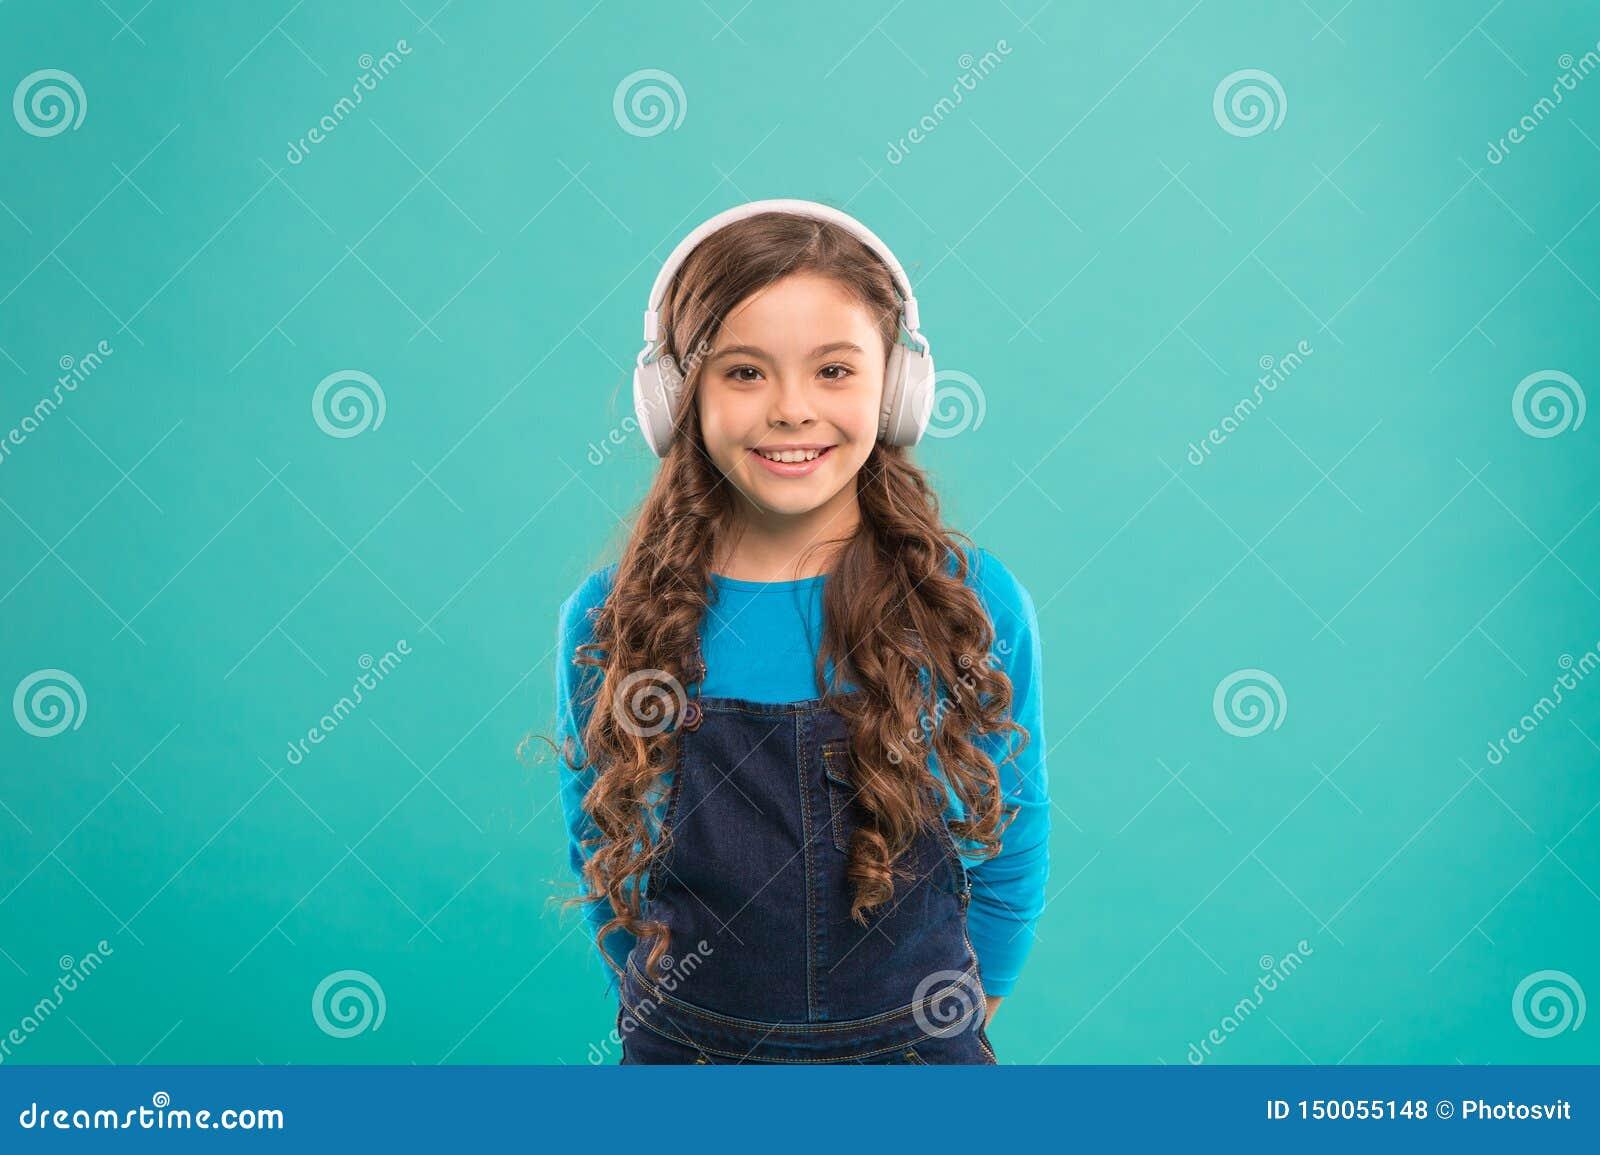 Livre audio Concept moderne d ?ducation B?n?ficie des le?ons audio Access ? la connaissance Voie audio Loisirs d ?coli?re